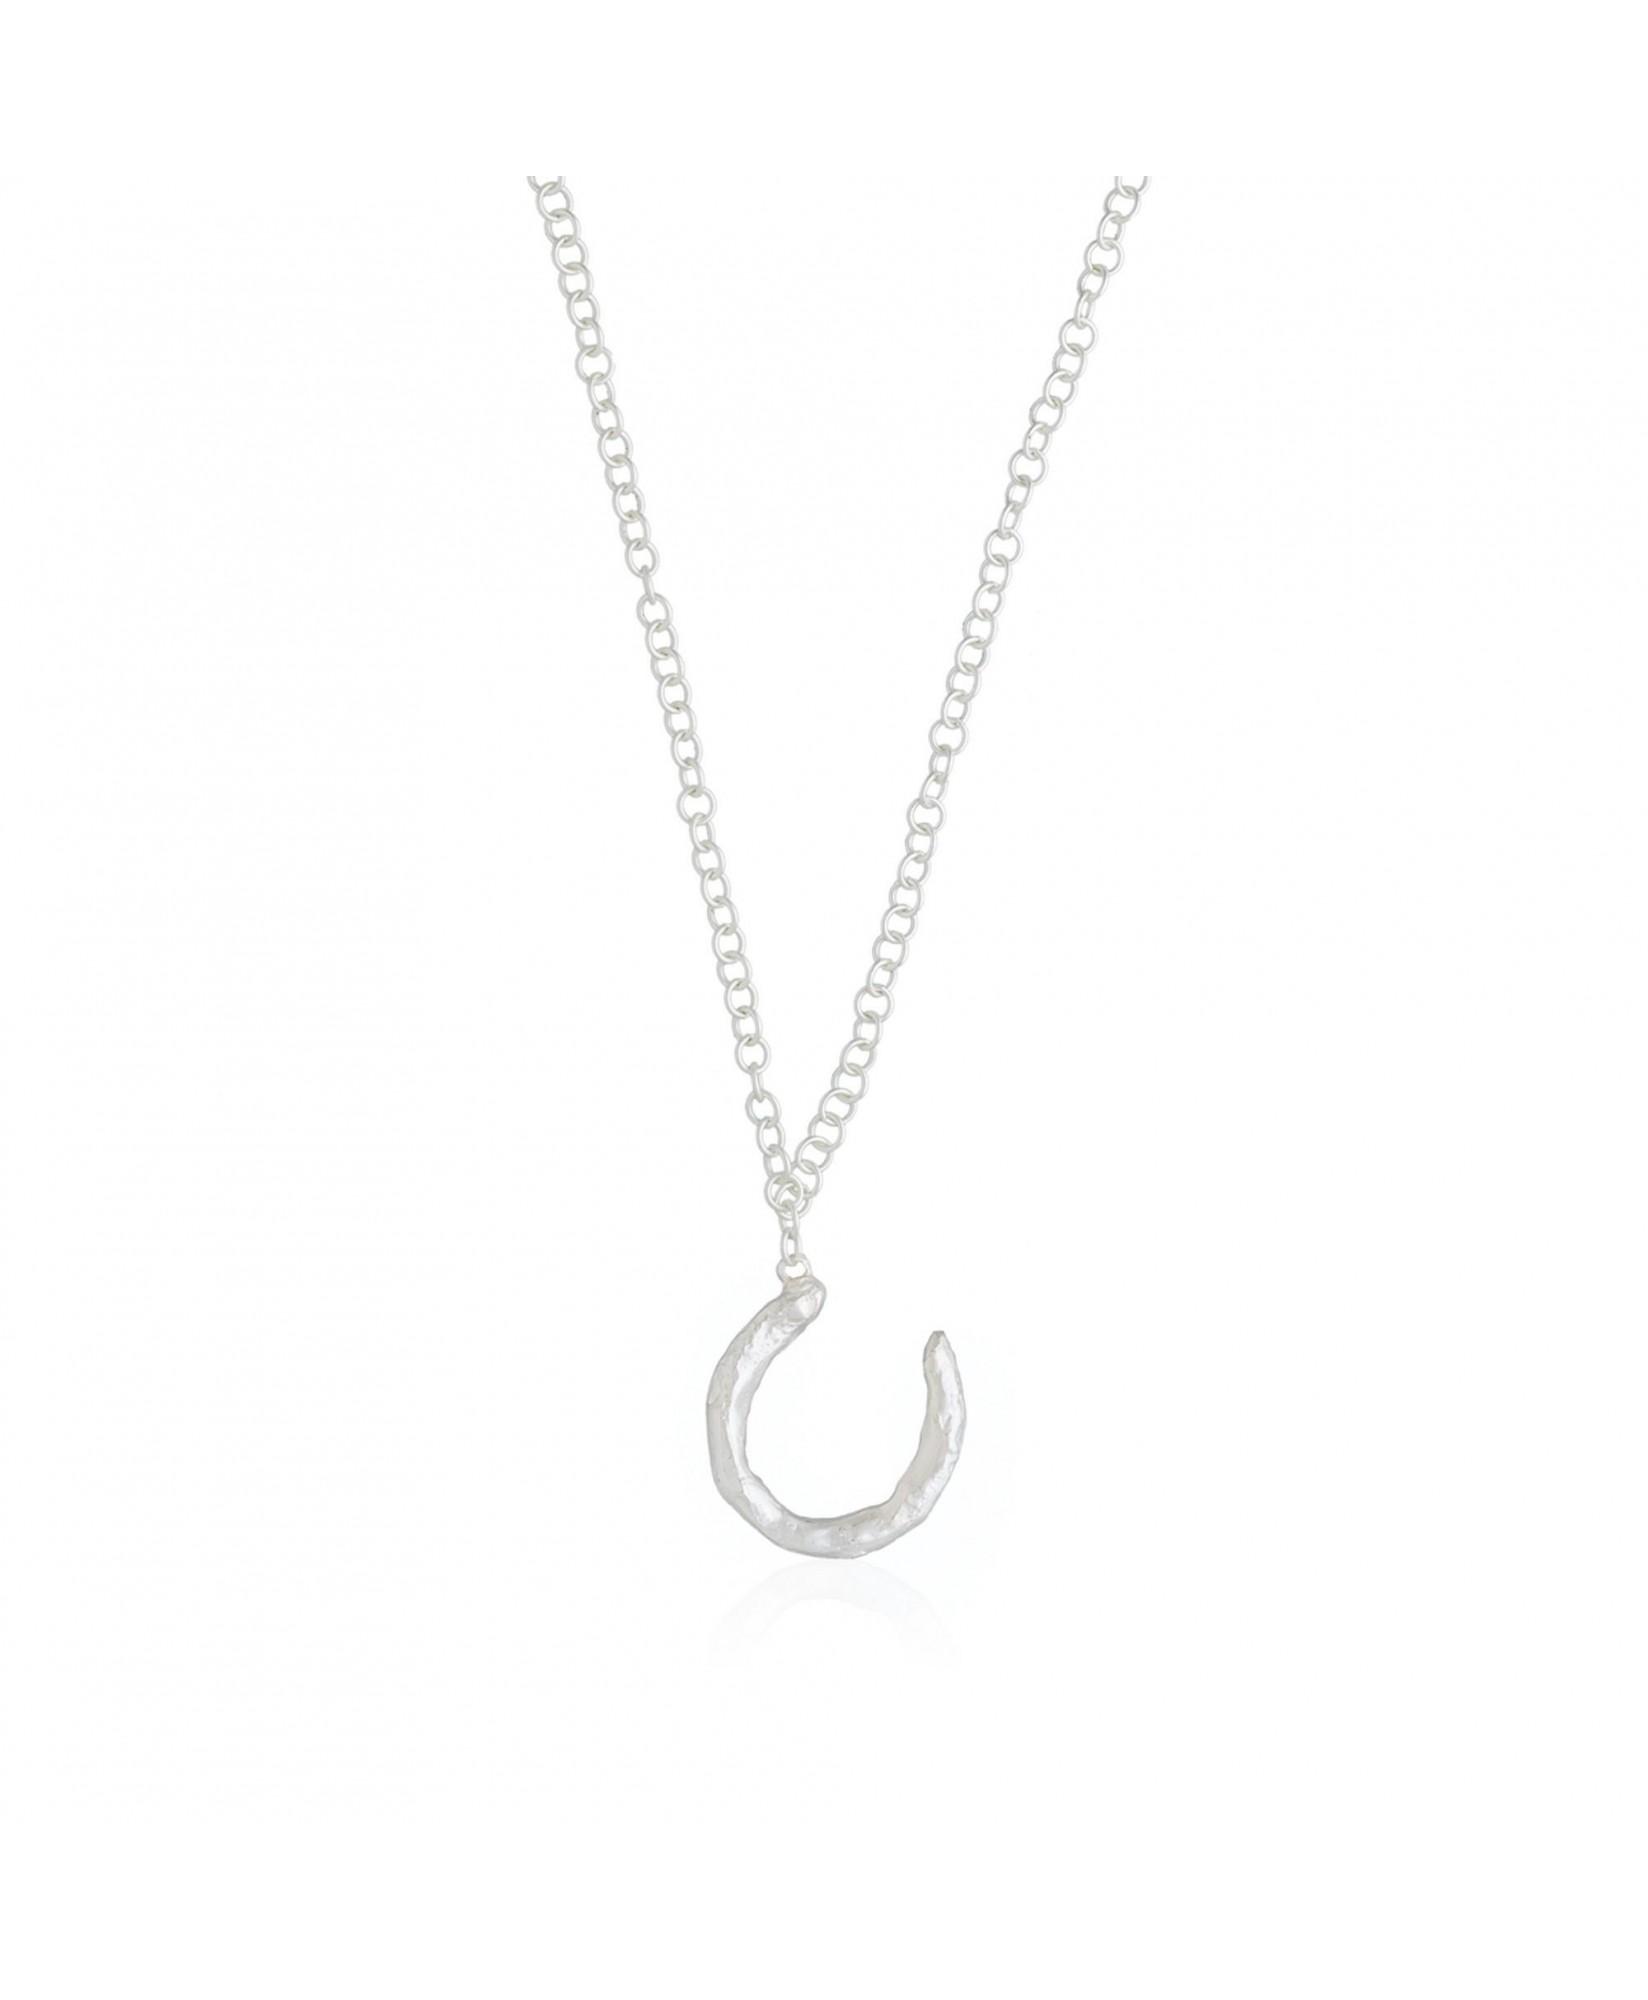 Collar plata con colgante de inicial letra U Collar plata con colgante de inicial letra U